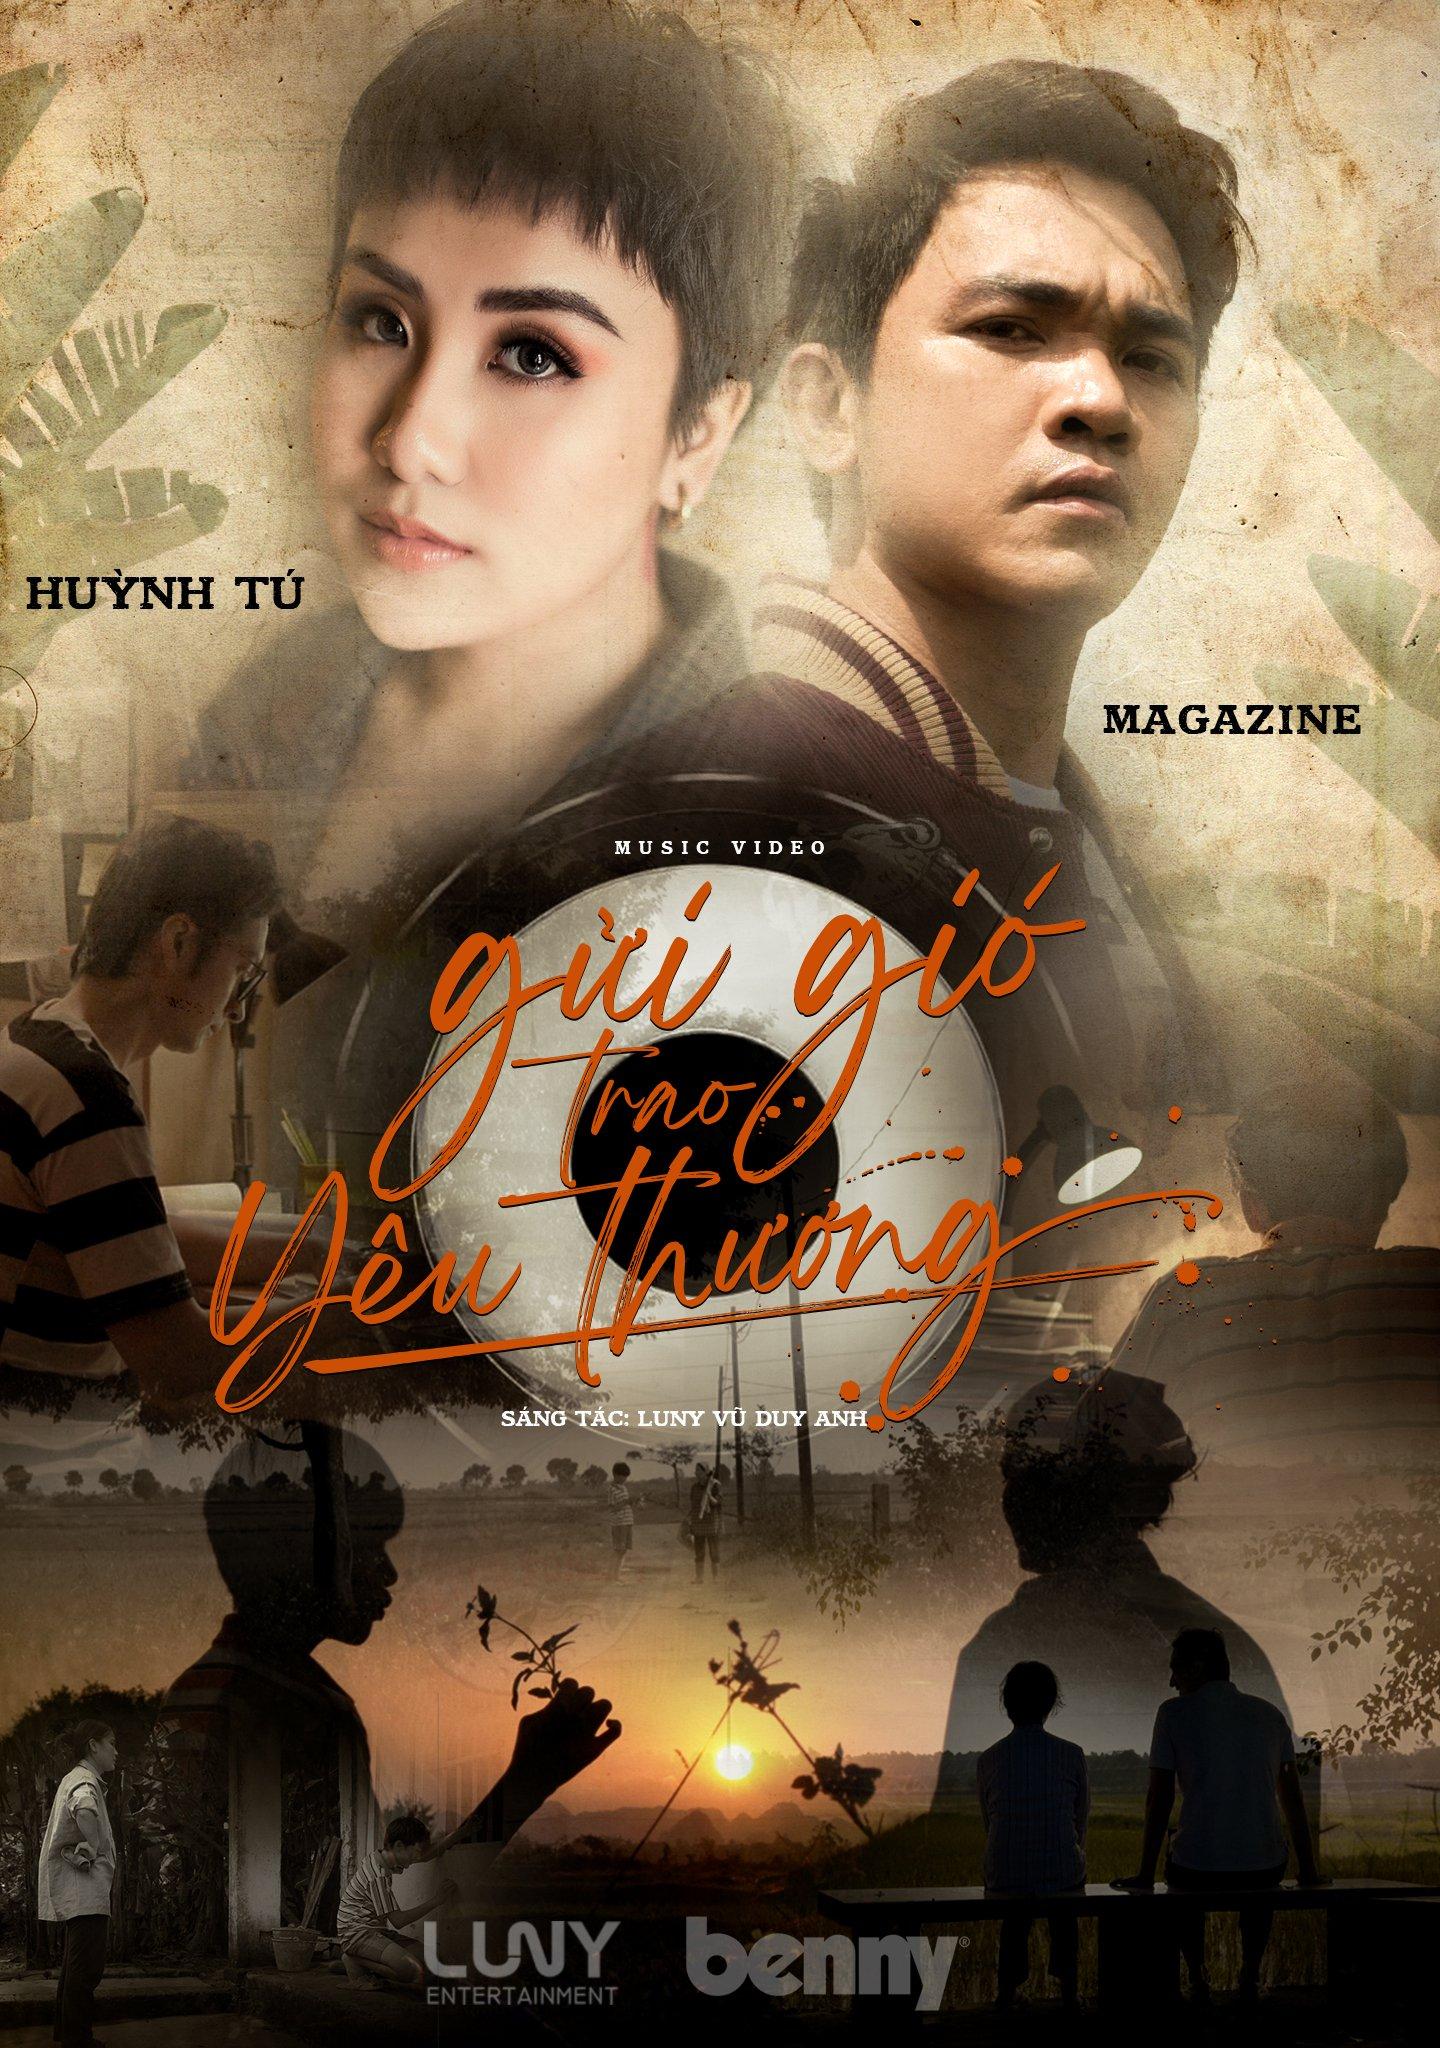 Benny thay lời Huỳnh Tú và Magazine gửi lời cảm ơn mẹ qua MV Gửi gió trao yêu thương - Ảnh 1.